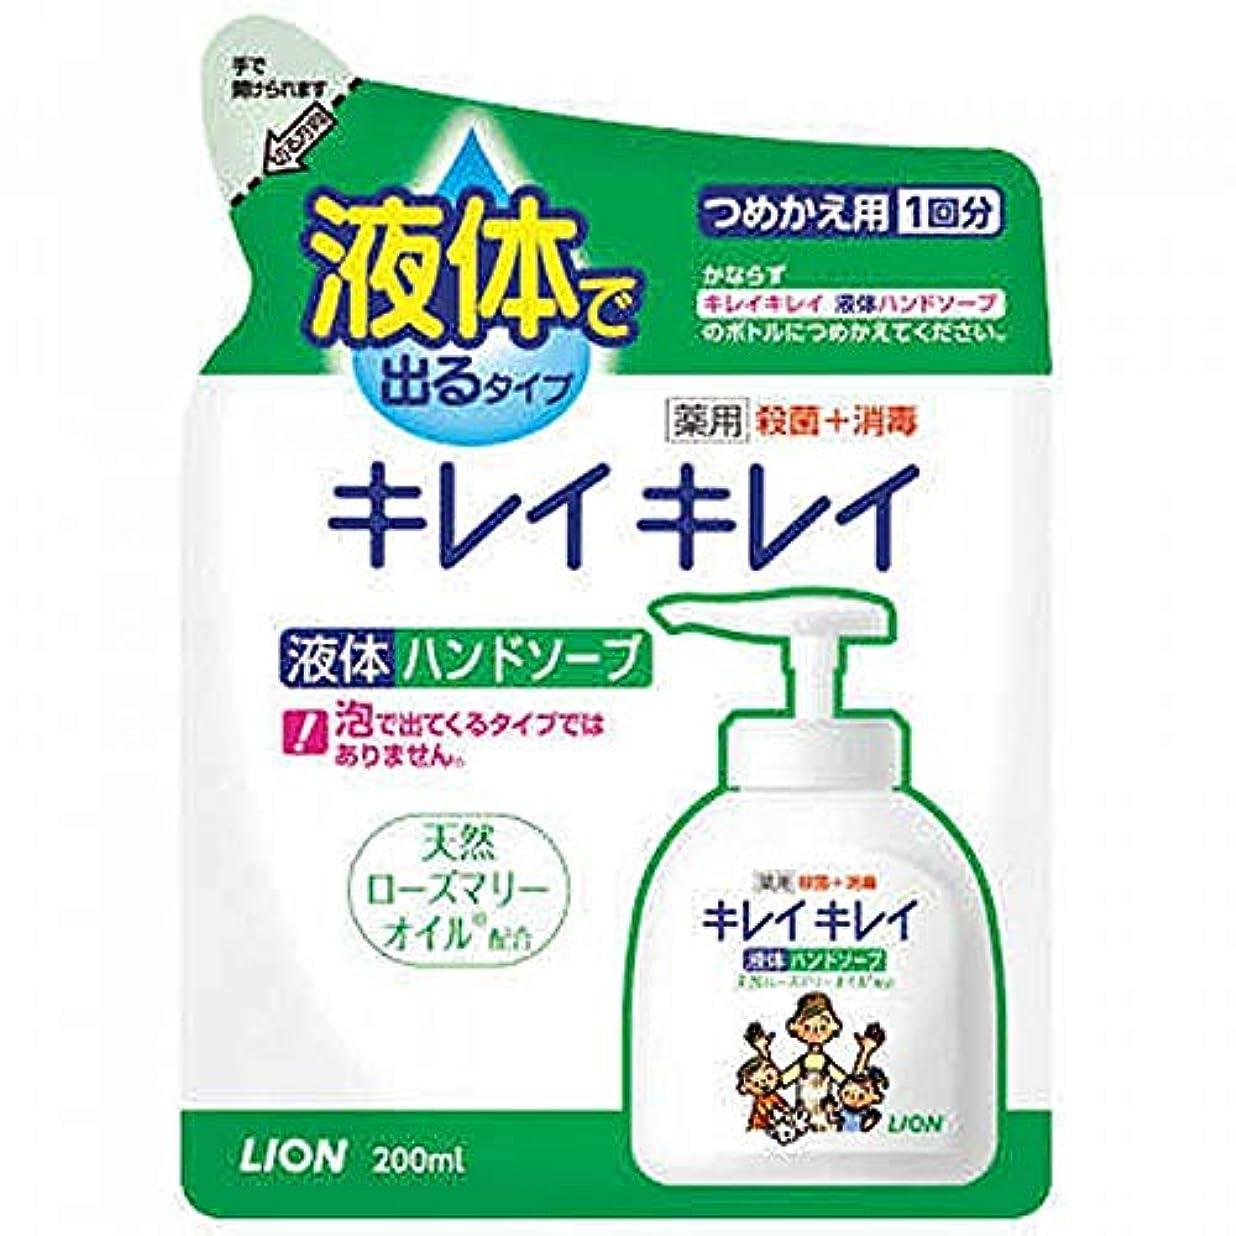 王位降伏立ち向かうライオン キレイキレイ 薬用液体ハンドソープ 詰替 200ml ×2セット